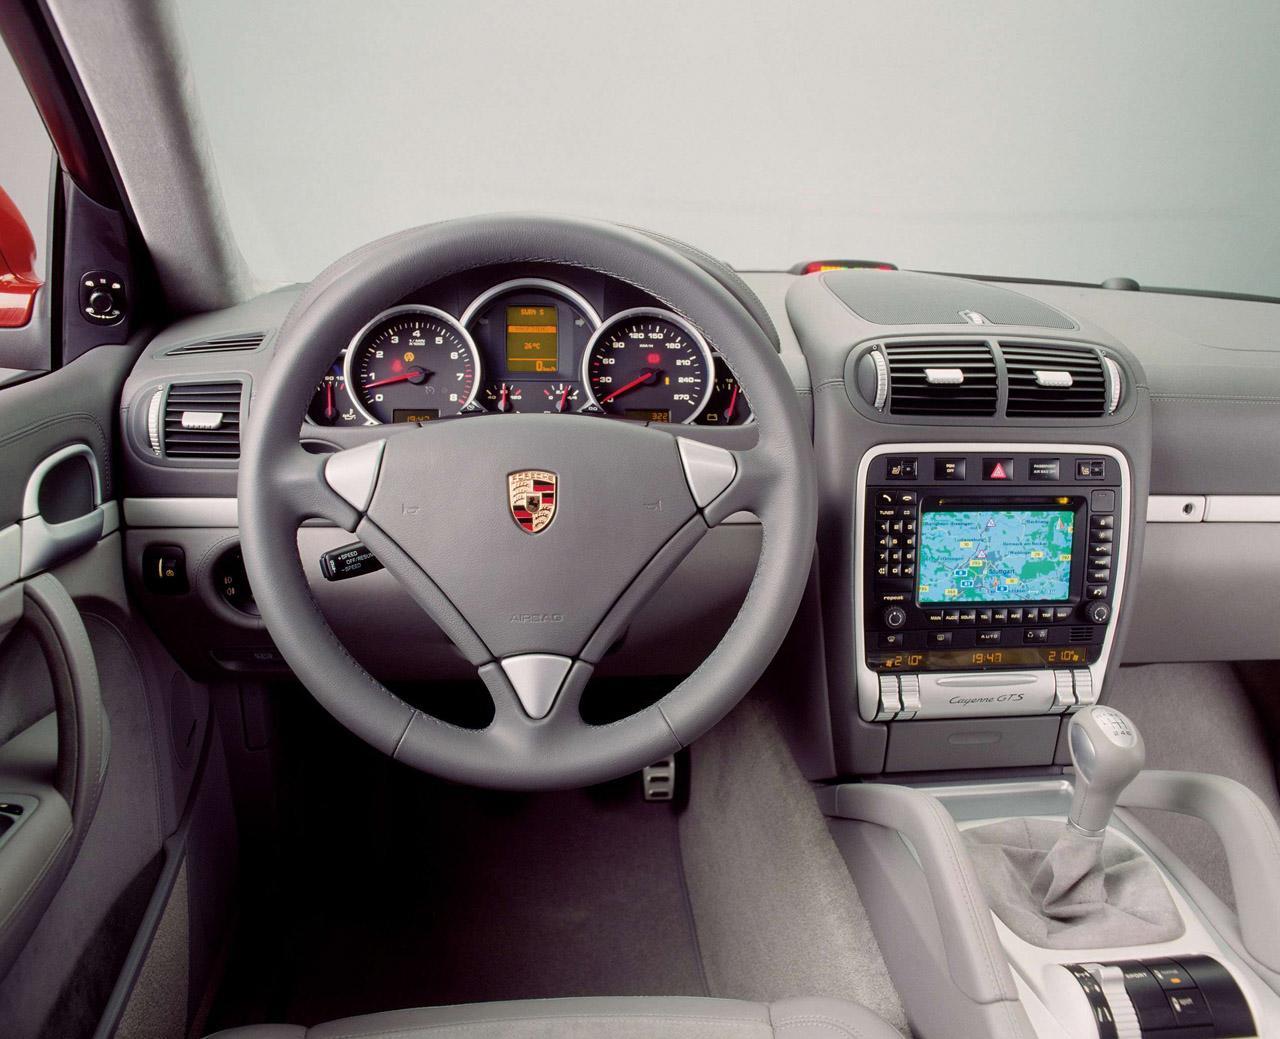 http://1.bp.blogspot.com/-z3_ag6dDJvI/T4fOwg5-JhI/AAAAAAAACD4/_jGVTerte5c/s1600/Porsche_Cayenne_Gts_3.jpg